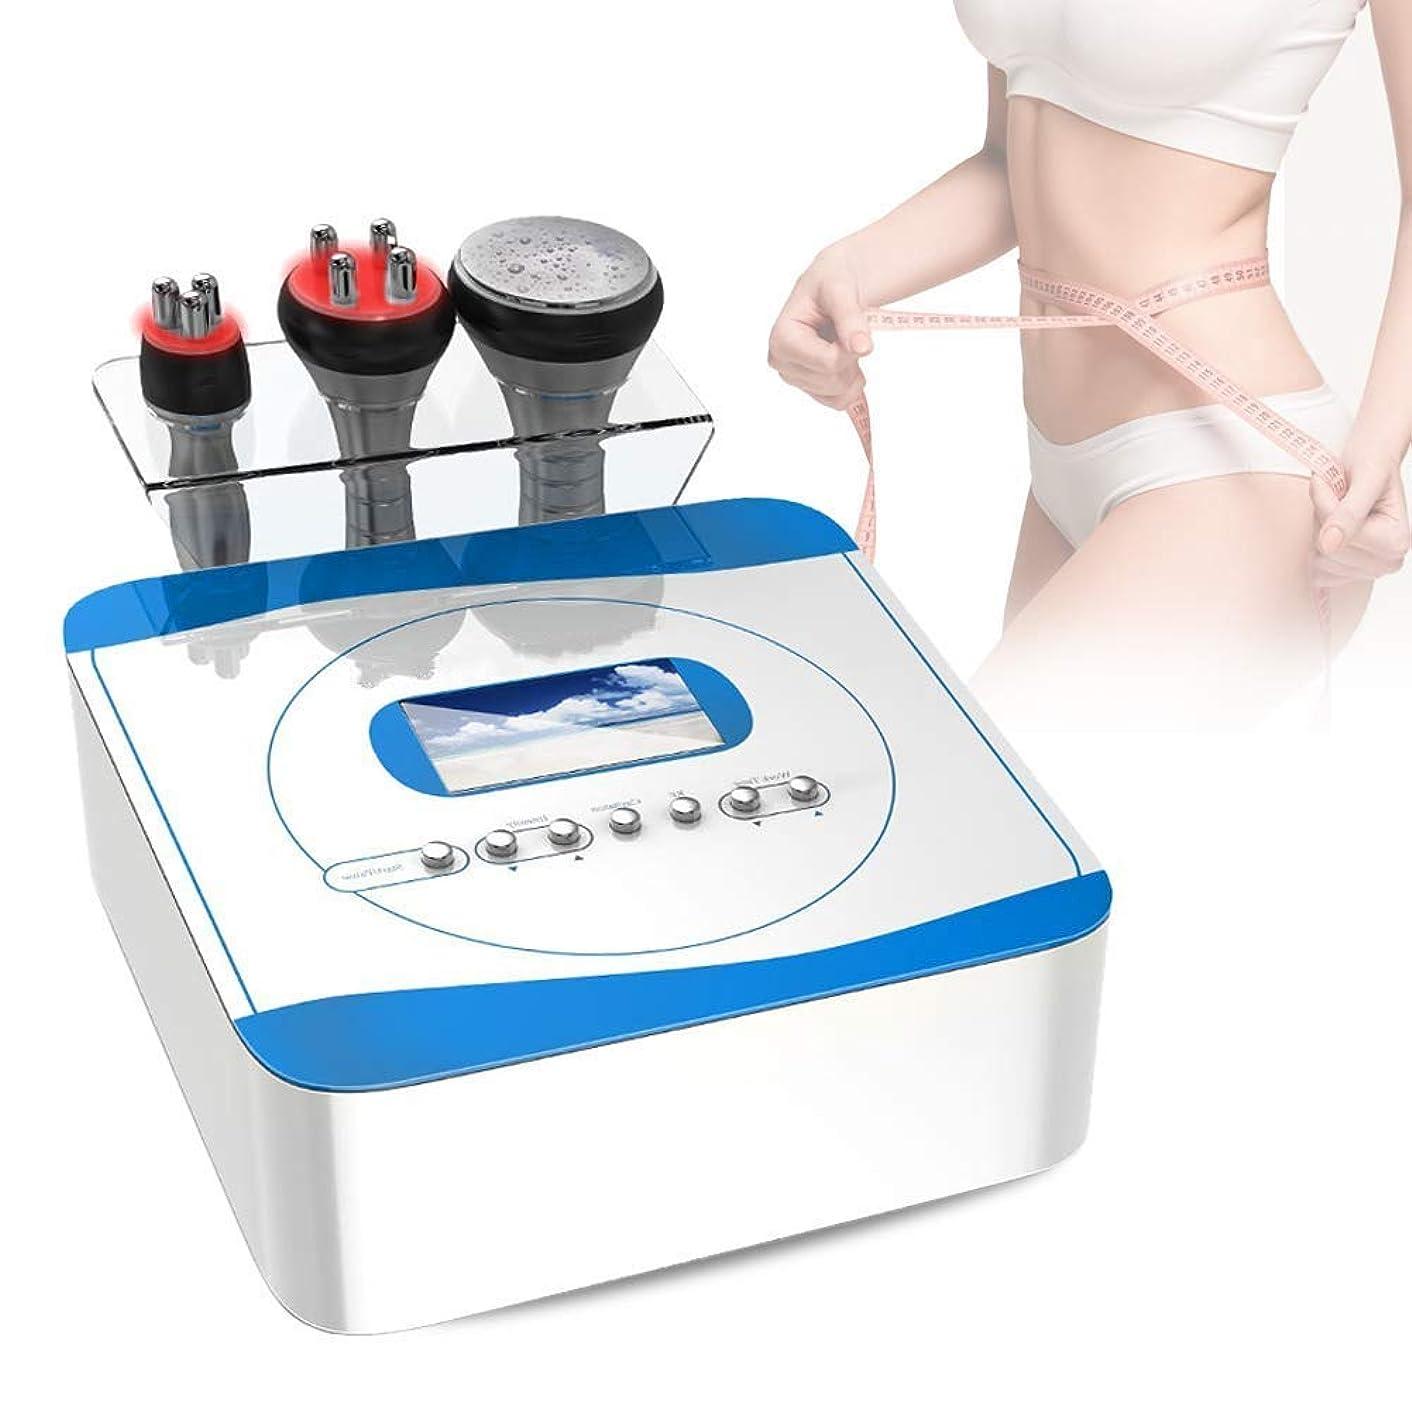 インフレーション暴徒モンスター1に付きボディシェーピングマッサージ機、ボディ痩身マシン、スリムマシンを締める腹部脂肪除去スキン、ボディマッサージスキンリフティングビューティーマシン、ウエストアームベリーレッグスキン用 (Edition : US PLUG)